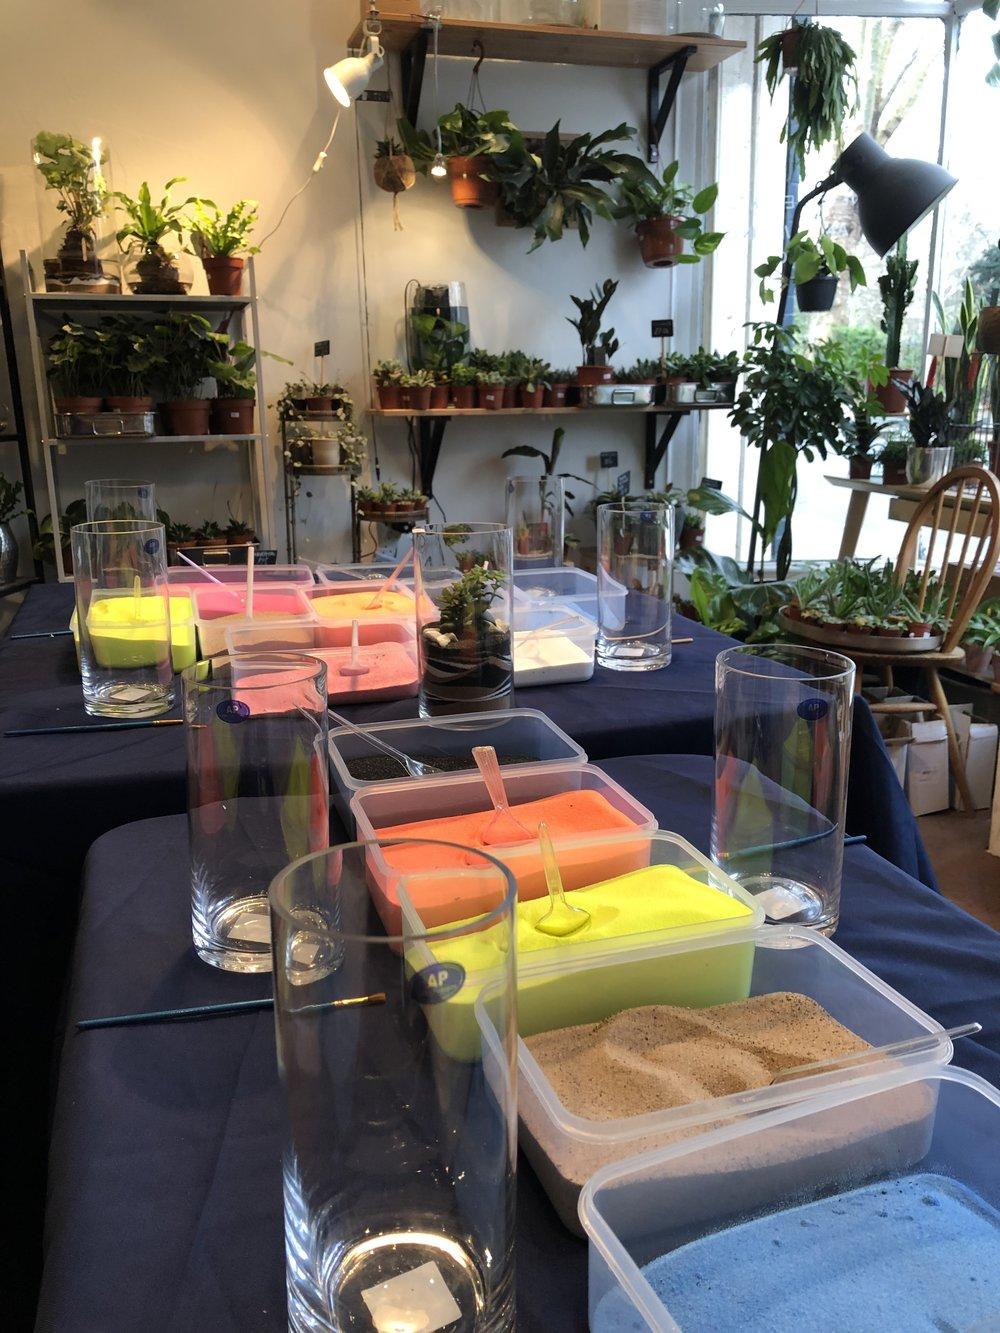 succulent terrarium diy, terrarium diy workshop, succulent terrarium kit, succulent terrarium ideas, succulent terrarium for sale